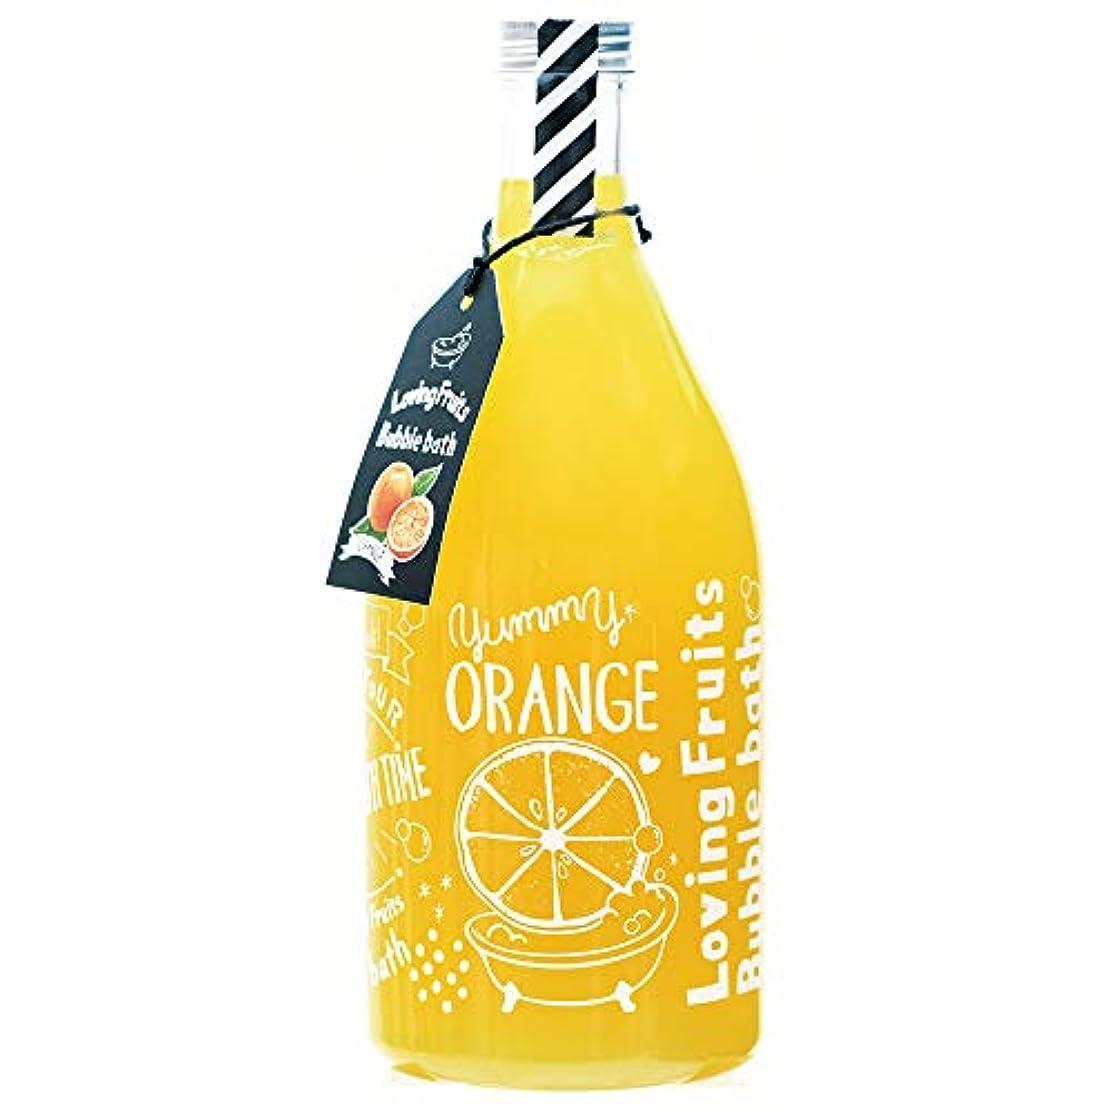 値下げ官僚非アクティブノルコーポレーション ジュースバスソリッド 入浴剤 オレンジの香り 750ml